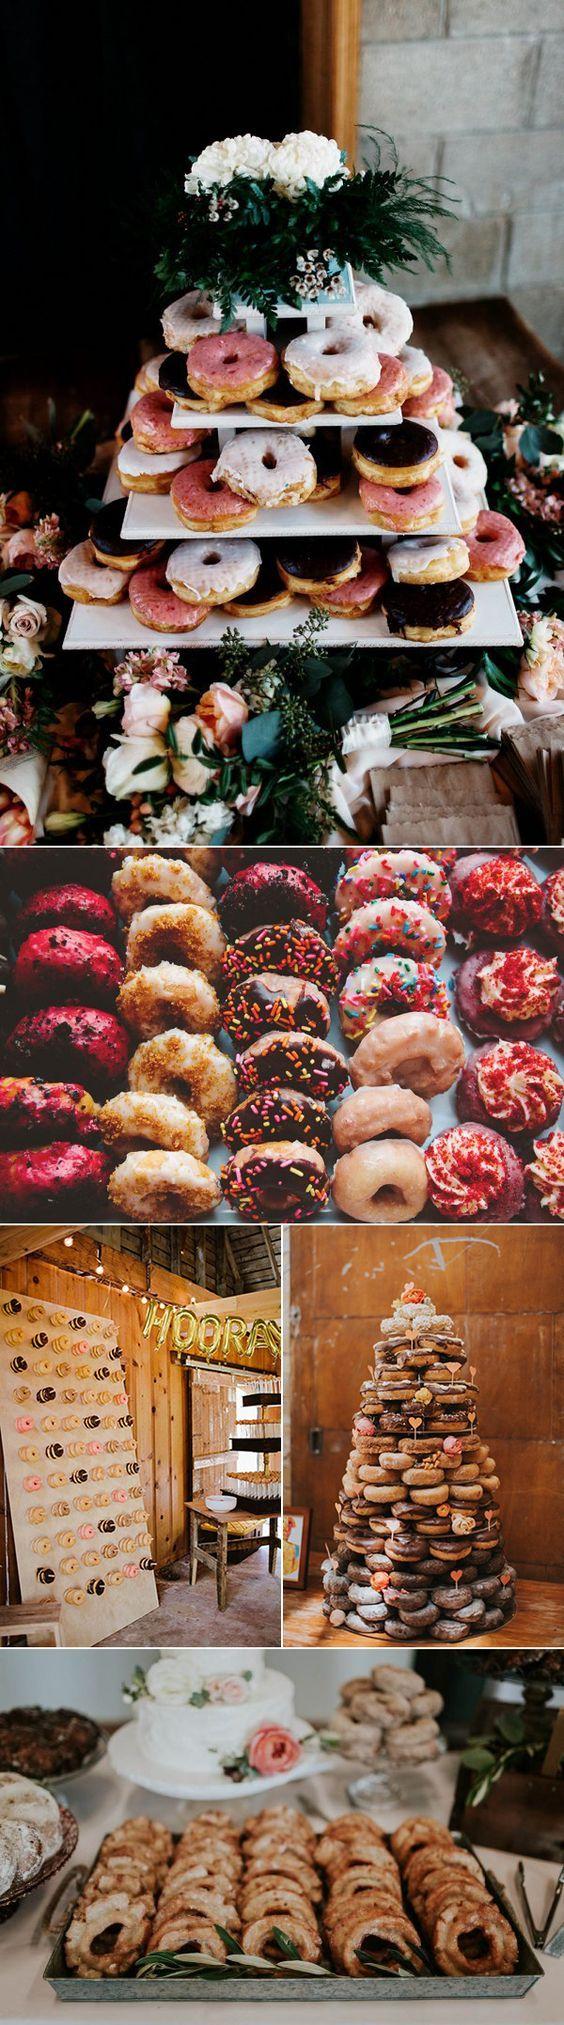 Divertidas y económicas, las donuts se incorporan a las bodas en las paredes, las mesas de postres y las tartas. Fotografía: Matt & Tish Photography, The Shalom Imaginative, Studio-29 Photography + Design, Olivia Strohm Photography, Jamie Jones Photography.